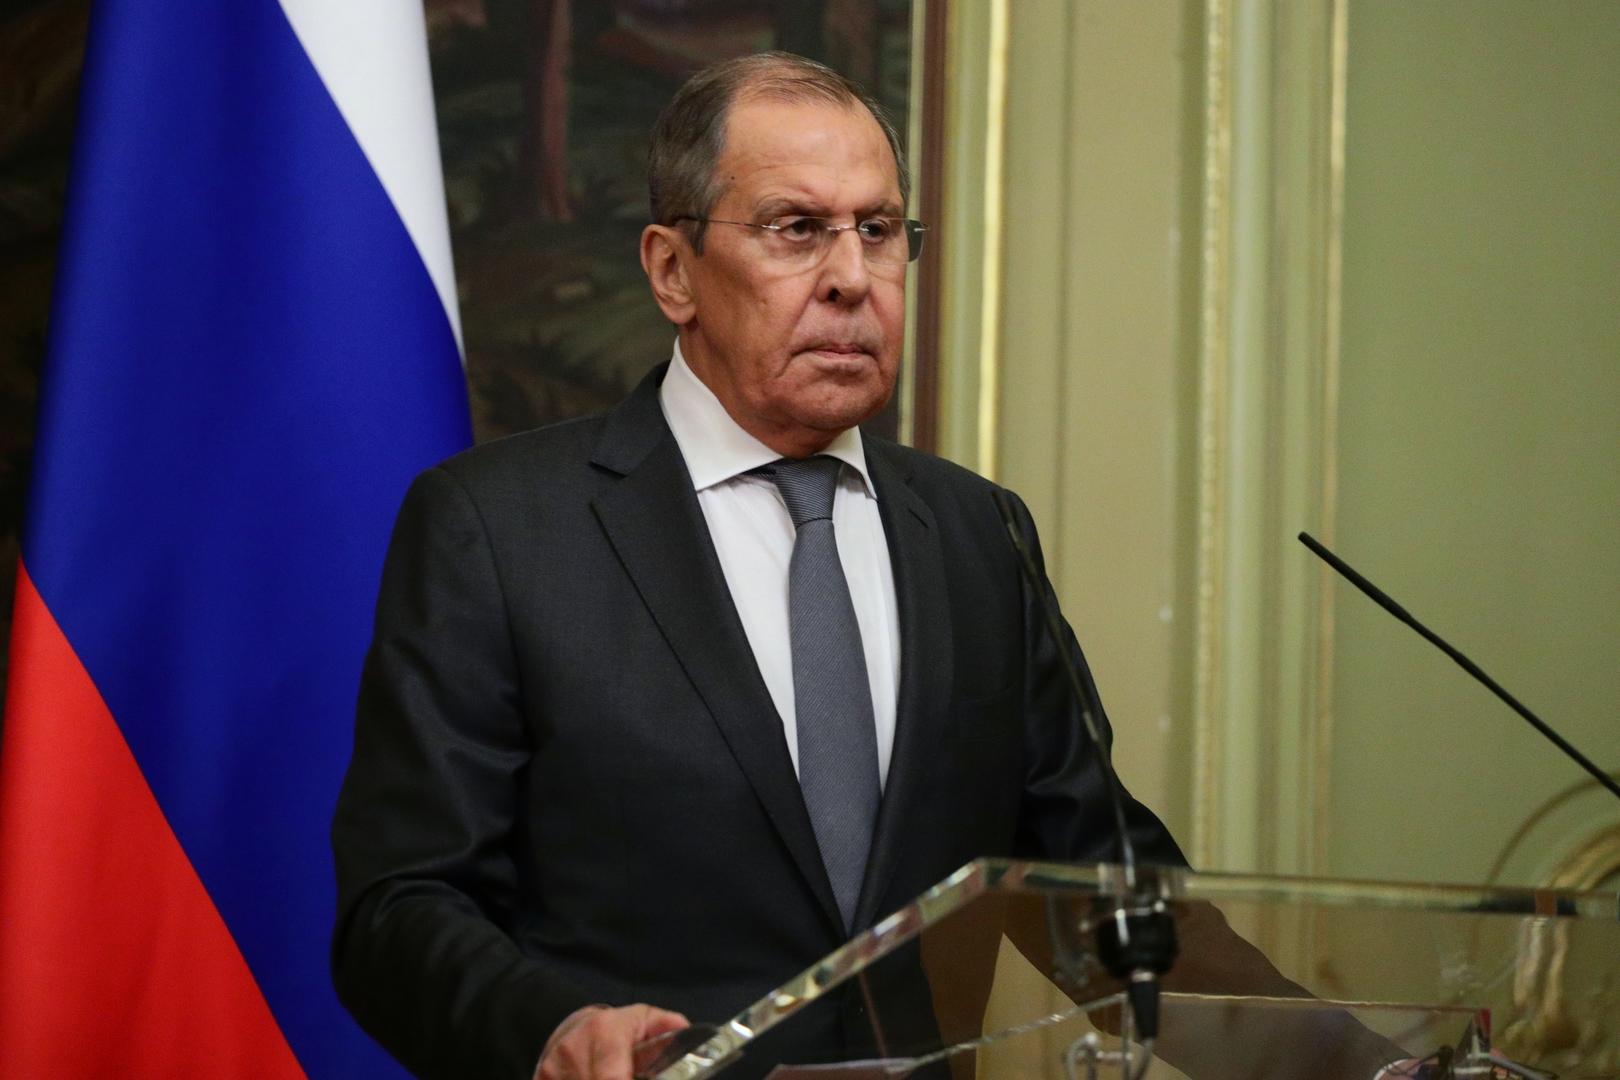 لافروف: نأمل في استئناف اللجنة الدستورية السورية عملها في القريب